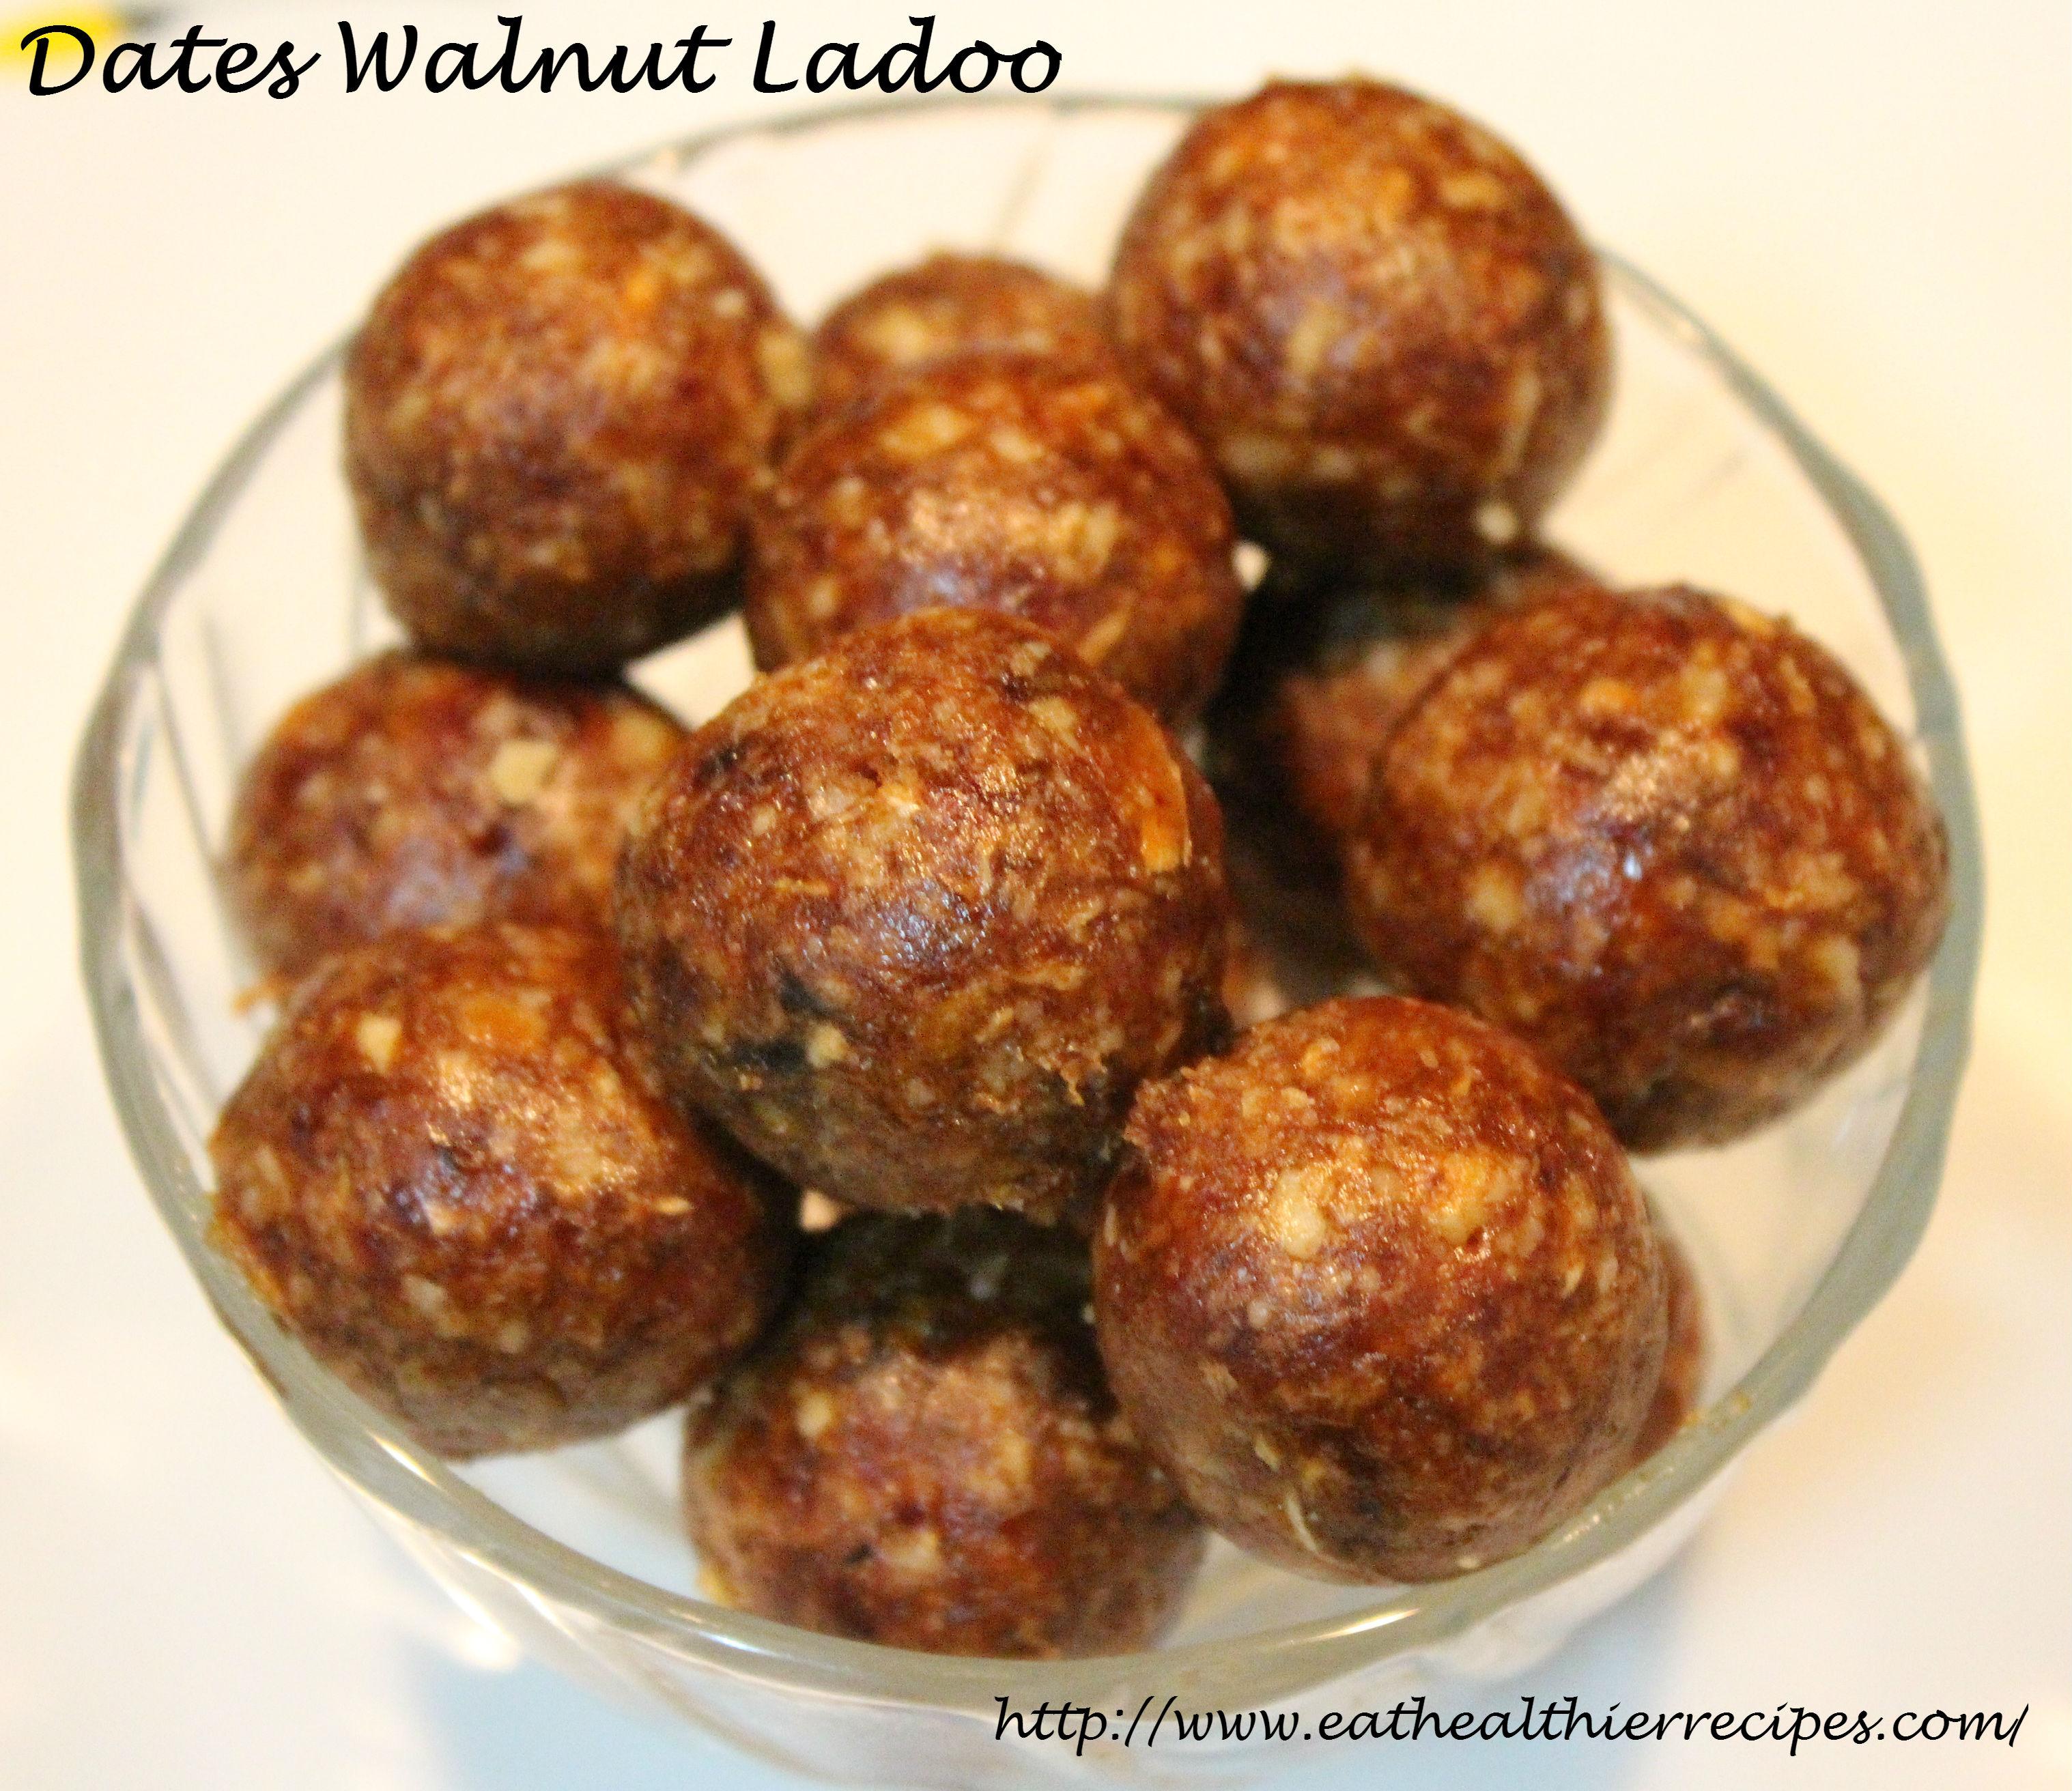 Dates Walnut Ladoo